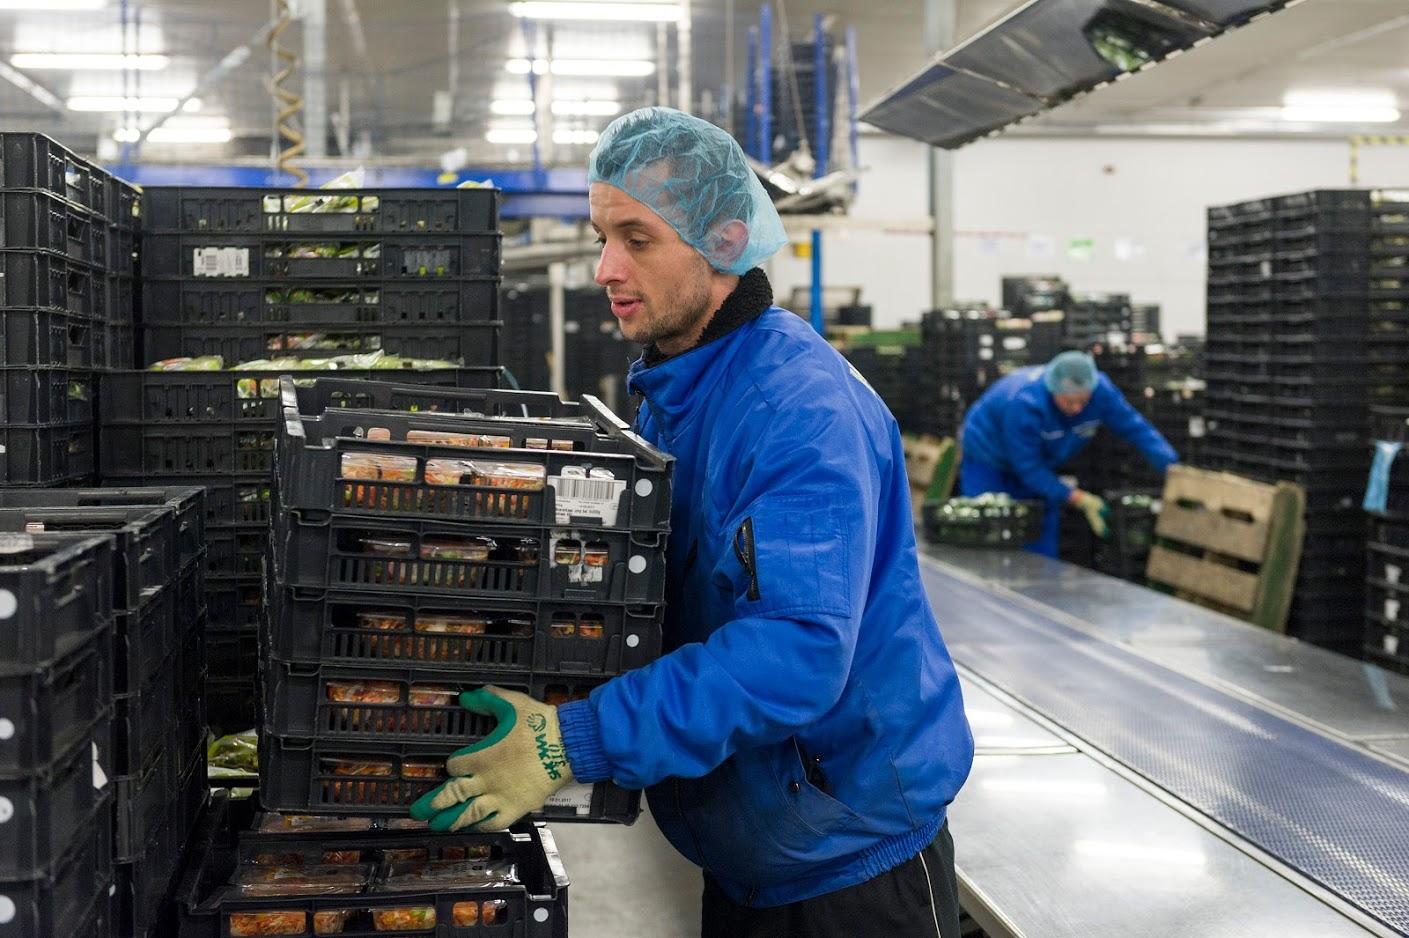 Radnik proizvodne linije